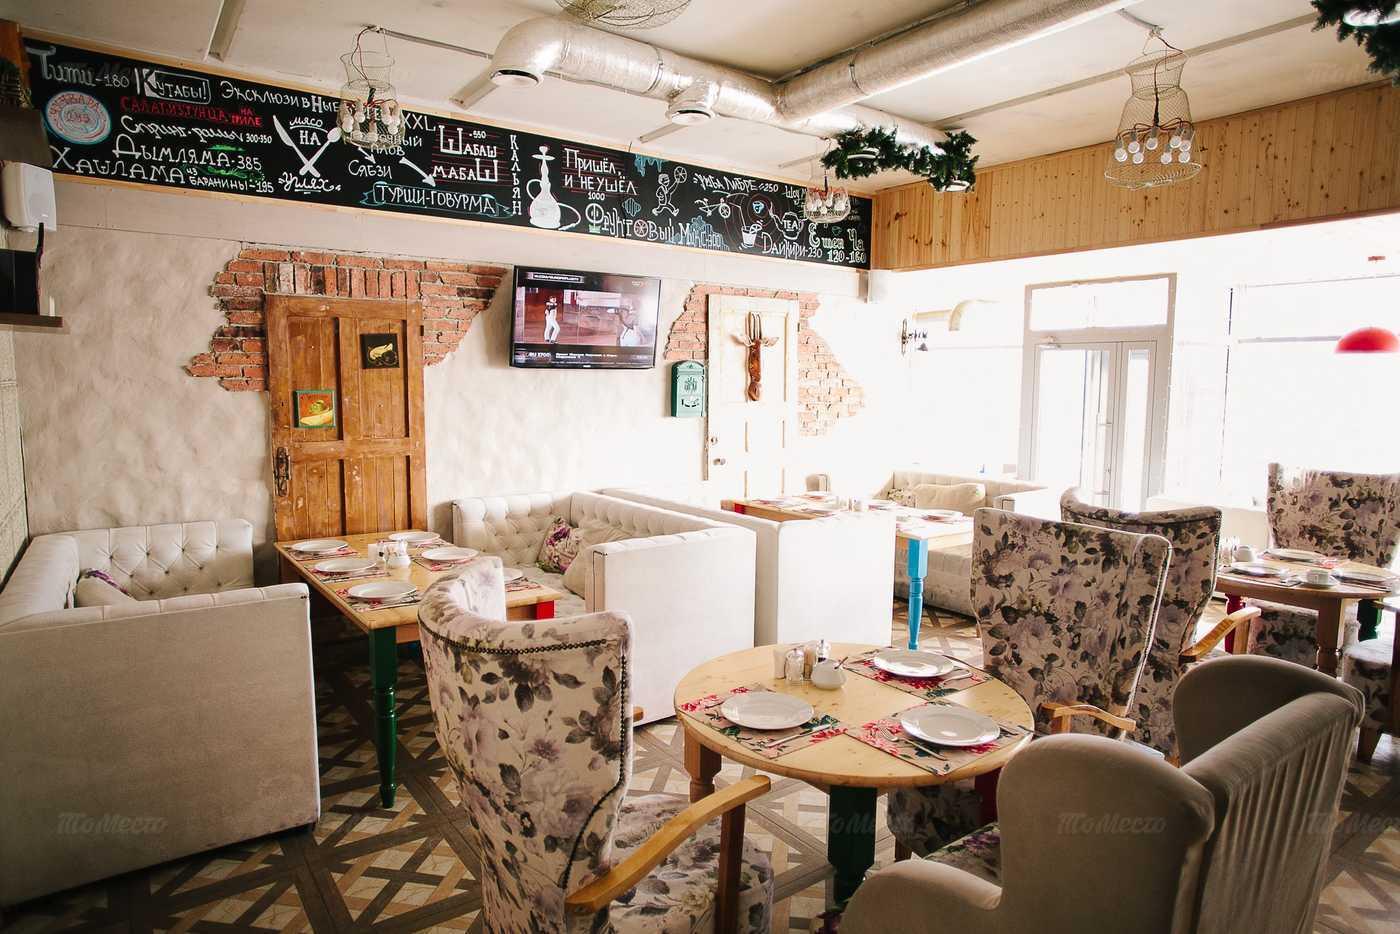 Меню кафе Shabash (Шабаш) в 62-й Армии набережная